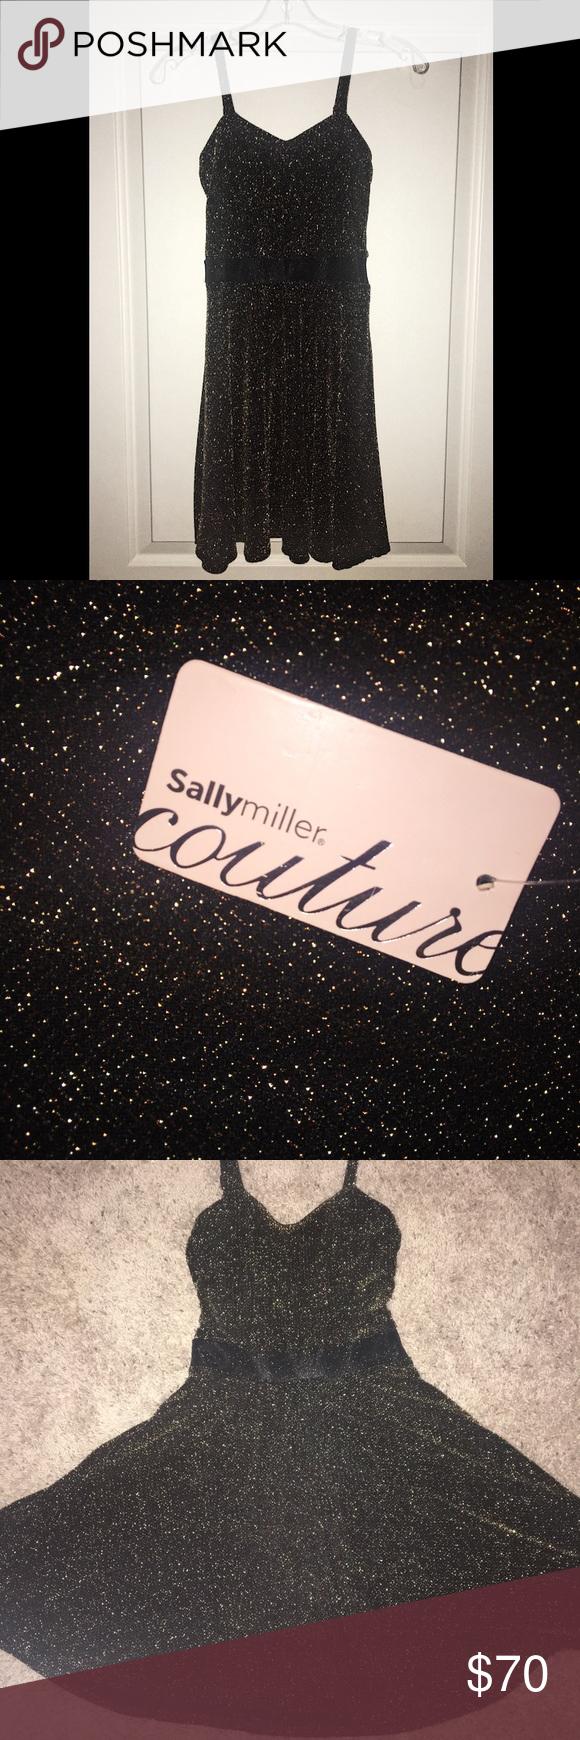 SALLY MILLER SHIMMER SPARKLE SKATER DRESS NEW Black and Gold Shimmer Sparkle Skater Dress by Sally Miller Dress Sally Miller Dresses Mini #sallymiller SALLY MILLER SHIMMER SPARKLE SKATER DRESS NEW Black and Gold Shimmer Sparkle Skater Dress by Sally Miller Dress Sally Miller Dresses Mini #sallymiller SALLY MILLER SHIMMER SPARKLE SKATER DRESS NEW Black and Gold Shimmer Sparkle Skater Dress by Sally Miller Dress Sally Miller Dresses Mini #sallymiller SALLY MILLER SHIMMER SPARKLE SKATER DRESS NEW B #sallymiller